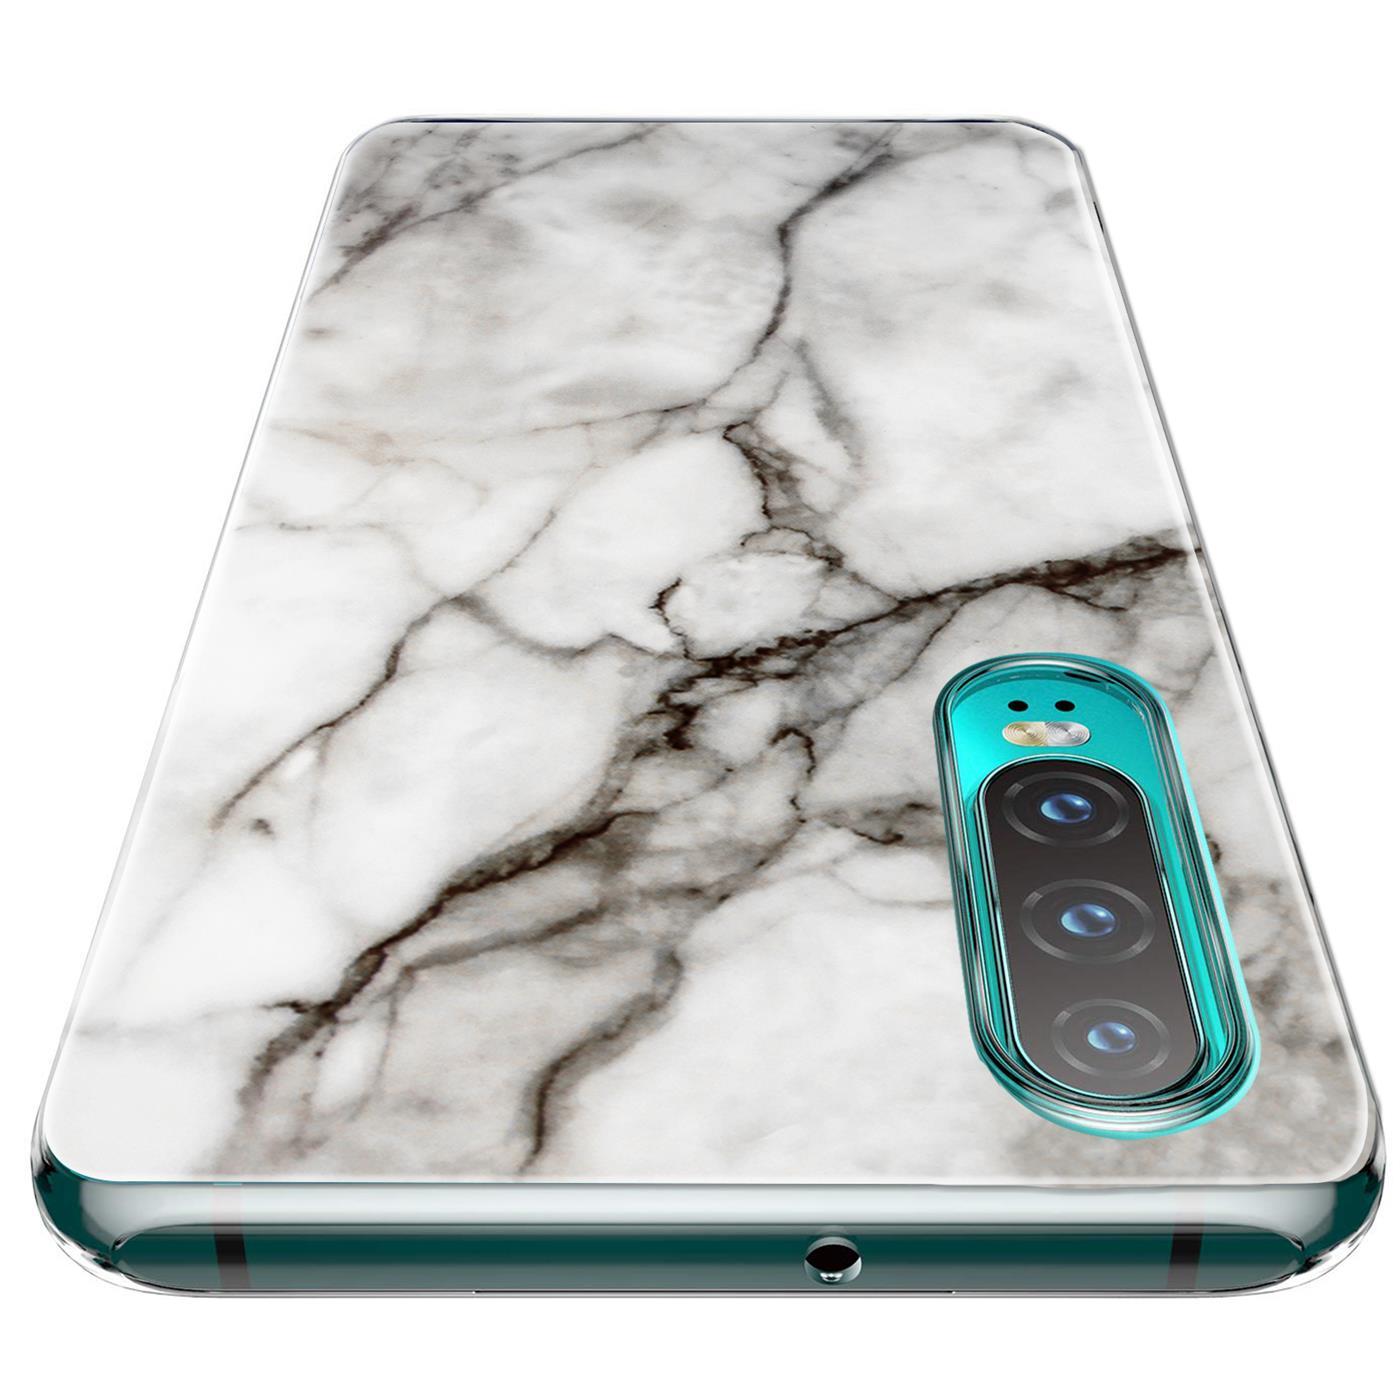 Huawei-P30-Lite-Motiv-Handy-Huelle-Silikon-Tasche-Schutzhuelle-Cover-Slim-TPU-Case Indexbild 44